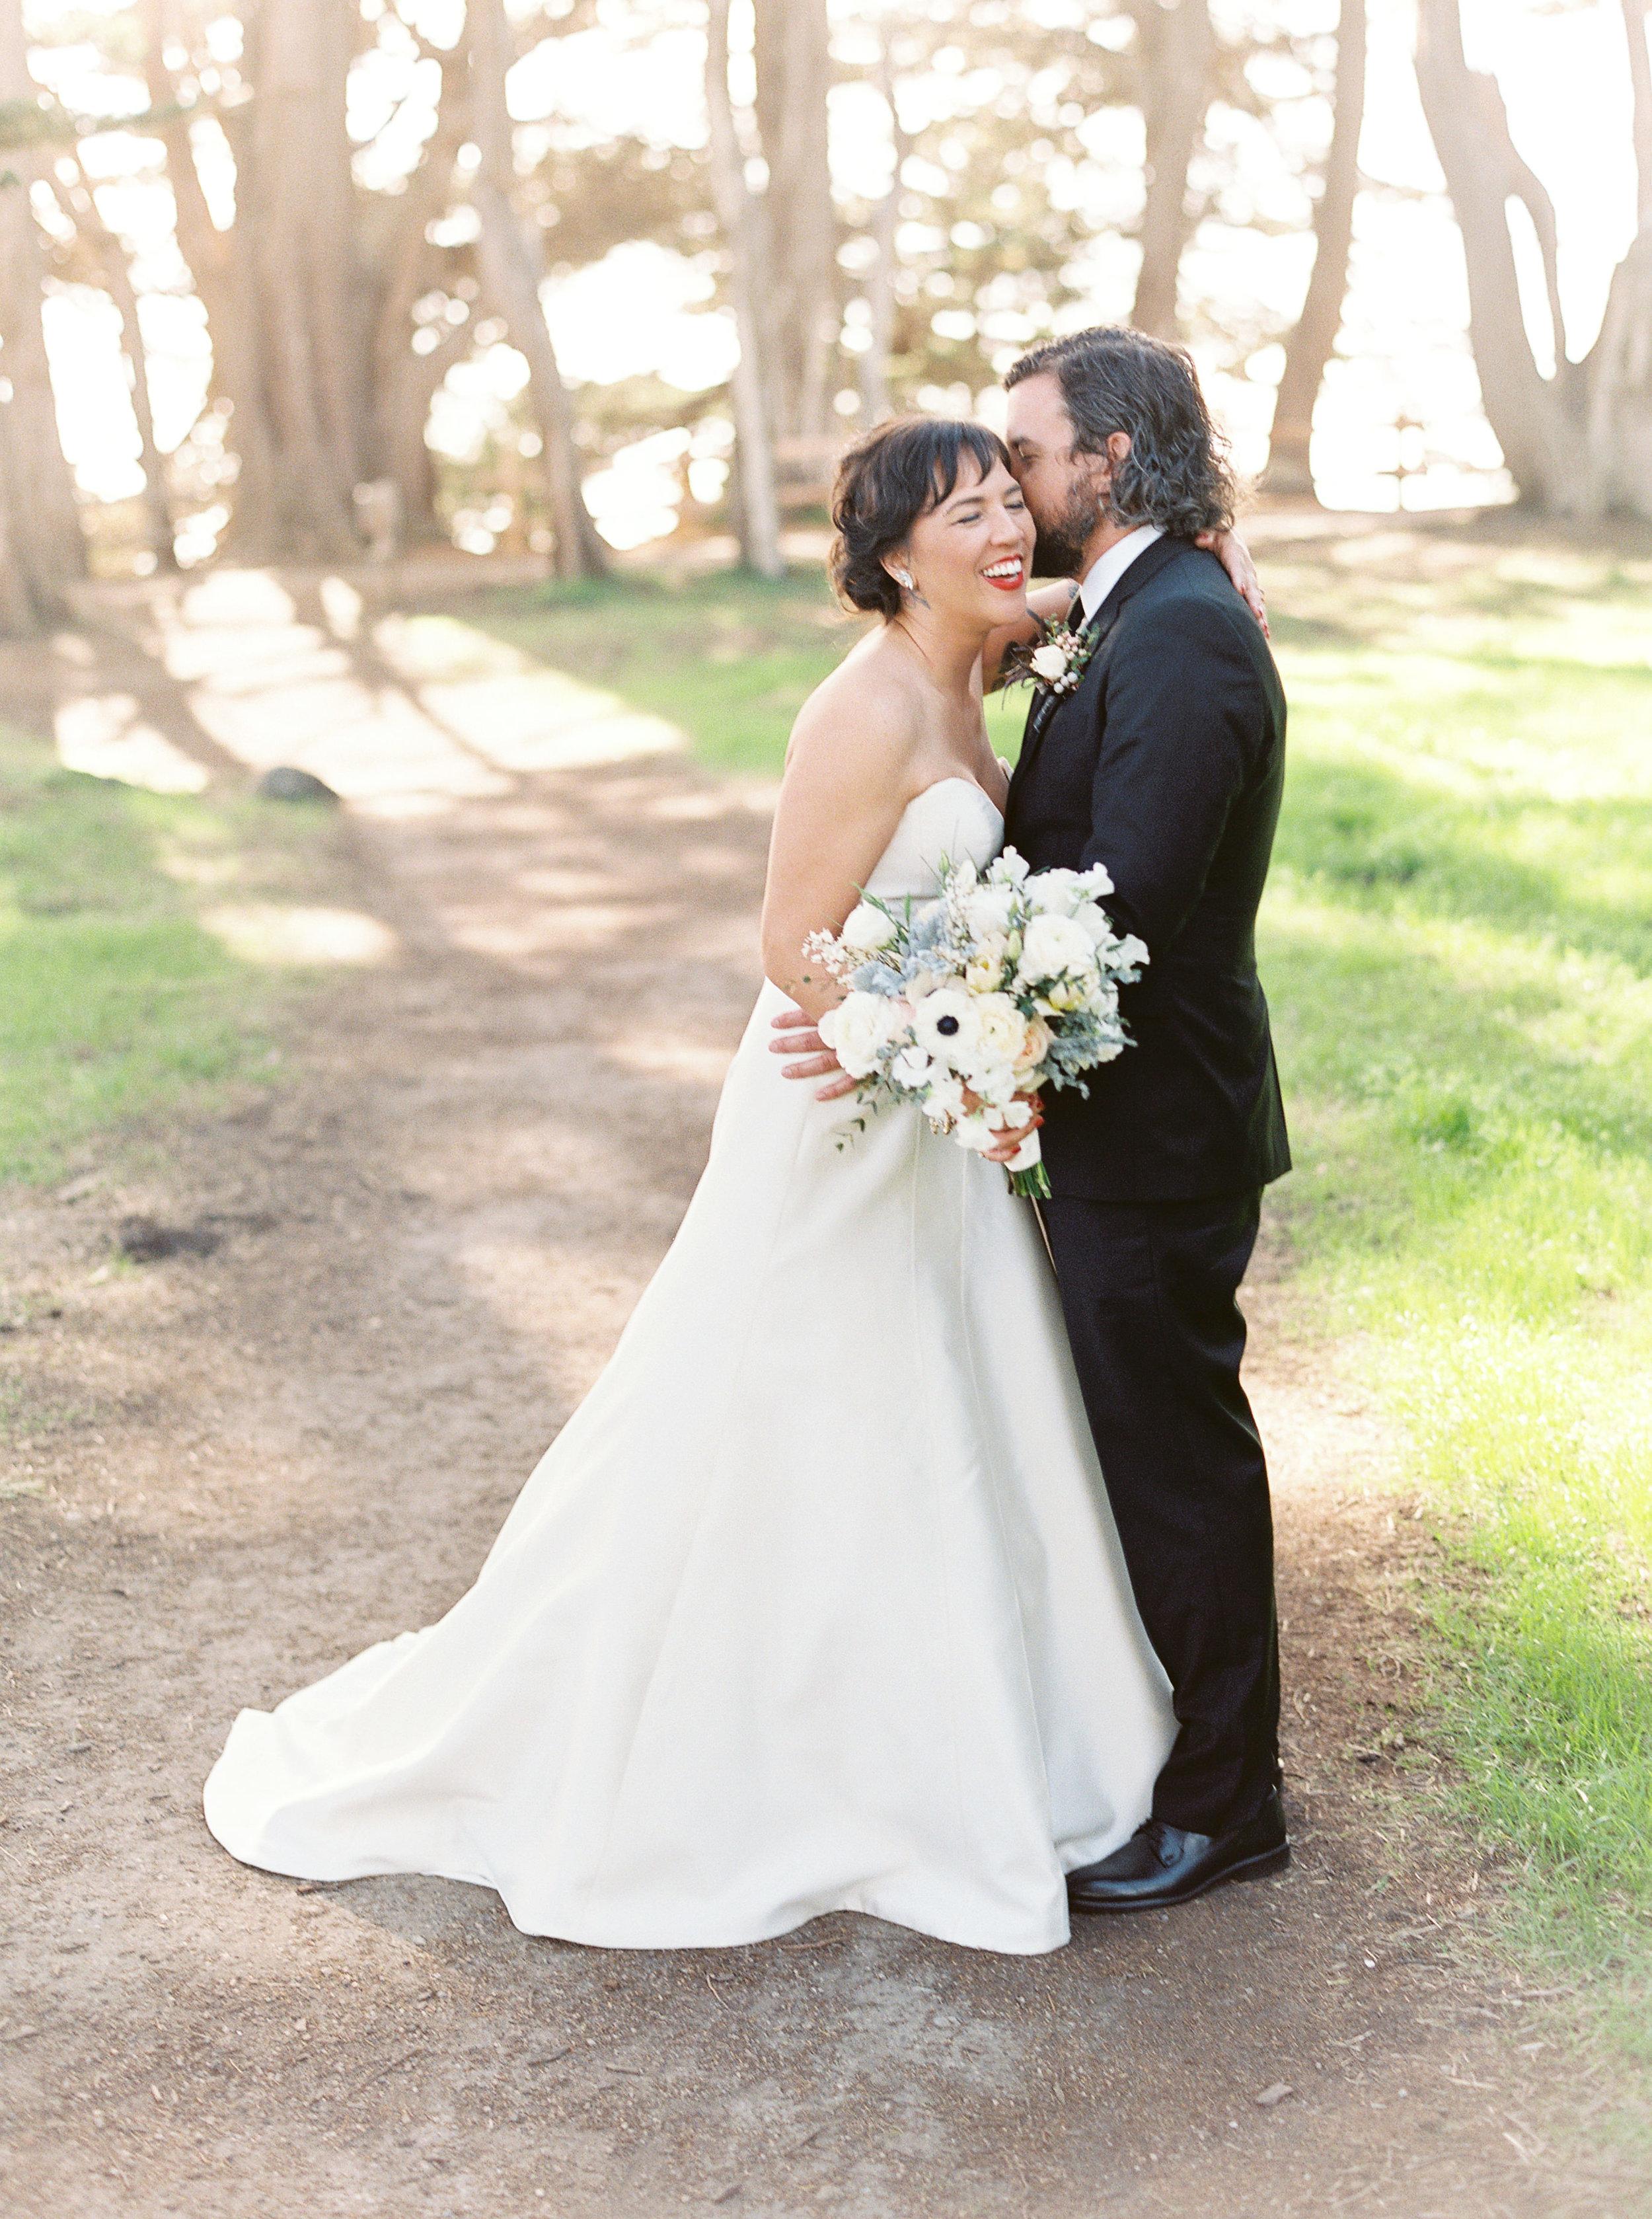 Mavericks-event-center-wedding-in-half-moon-bay-california464.jpg